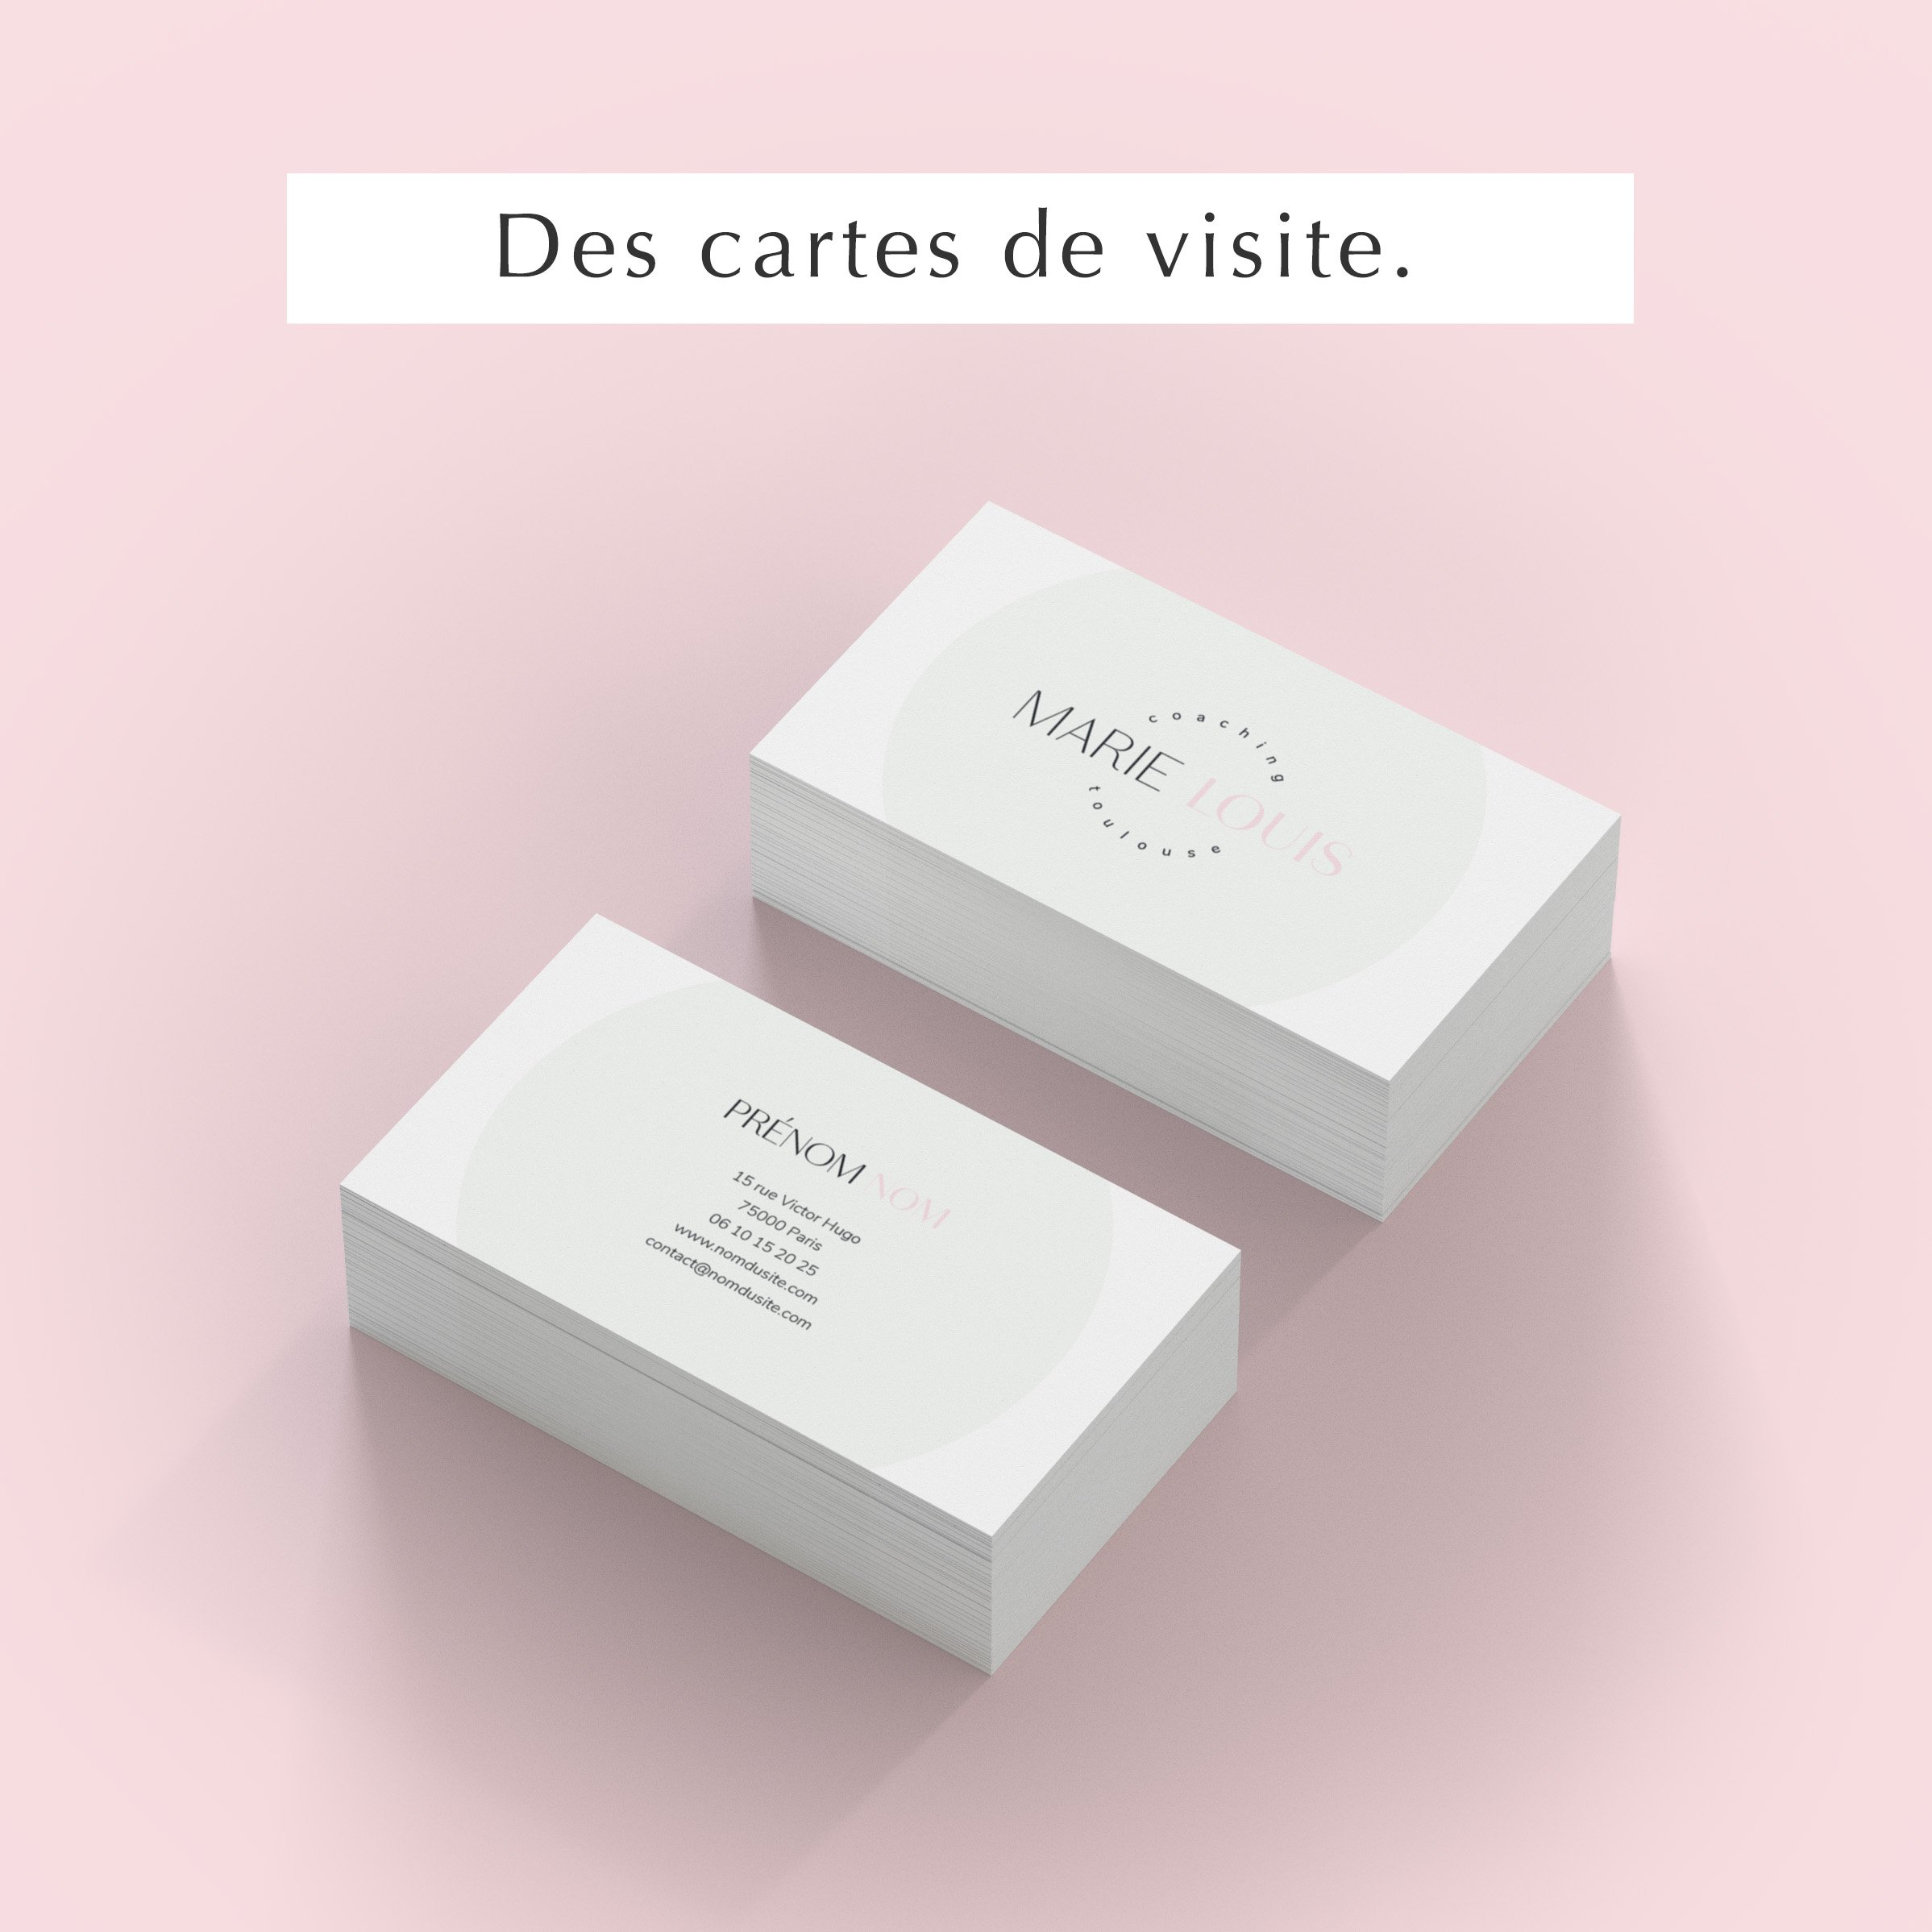 Pack web entrepreneuse bien-être cartes visite